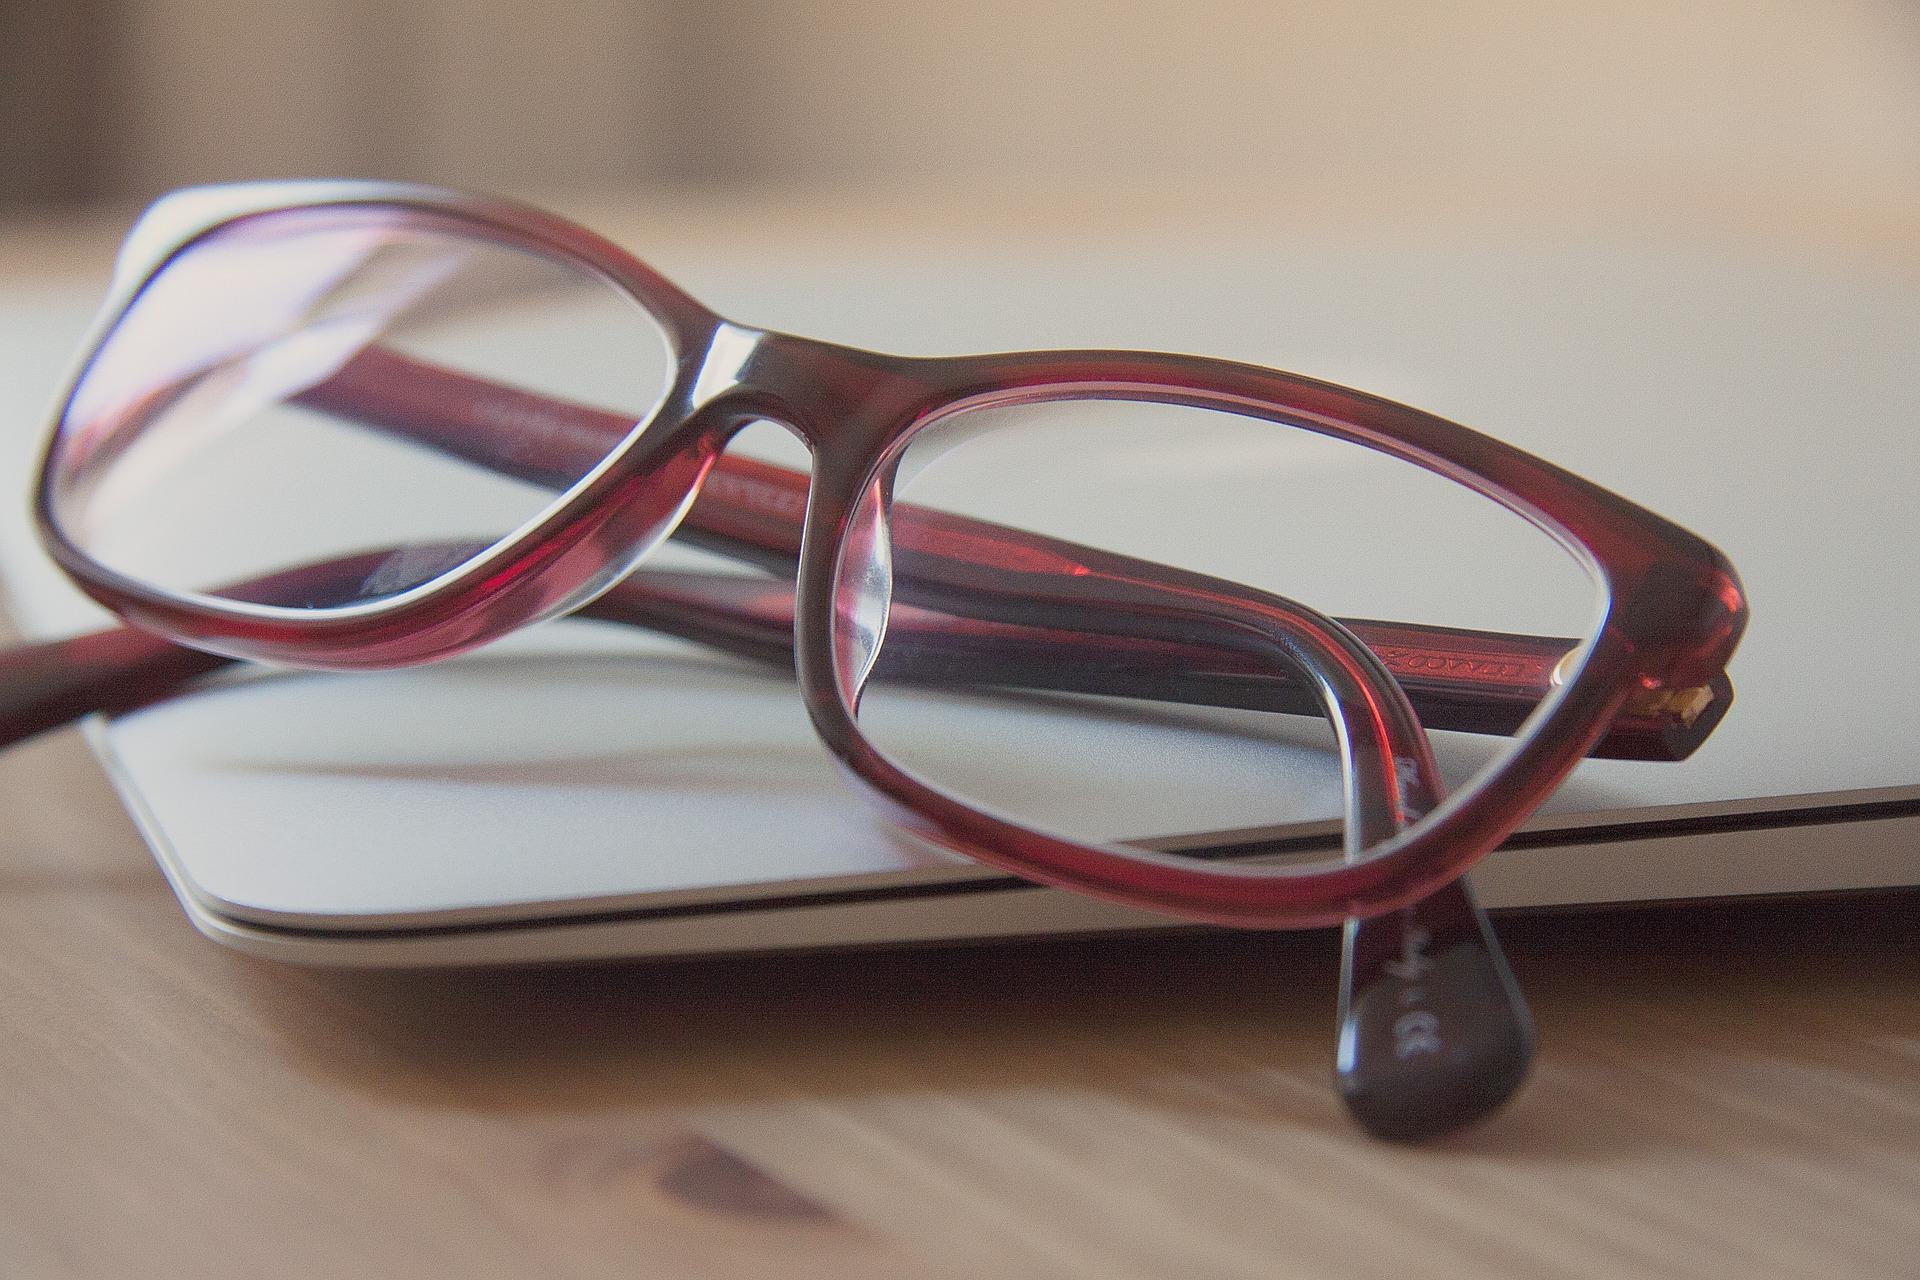 glasses-789836_1920.jpg